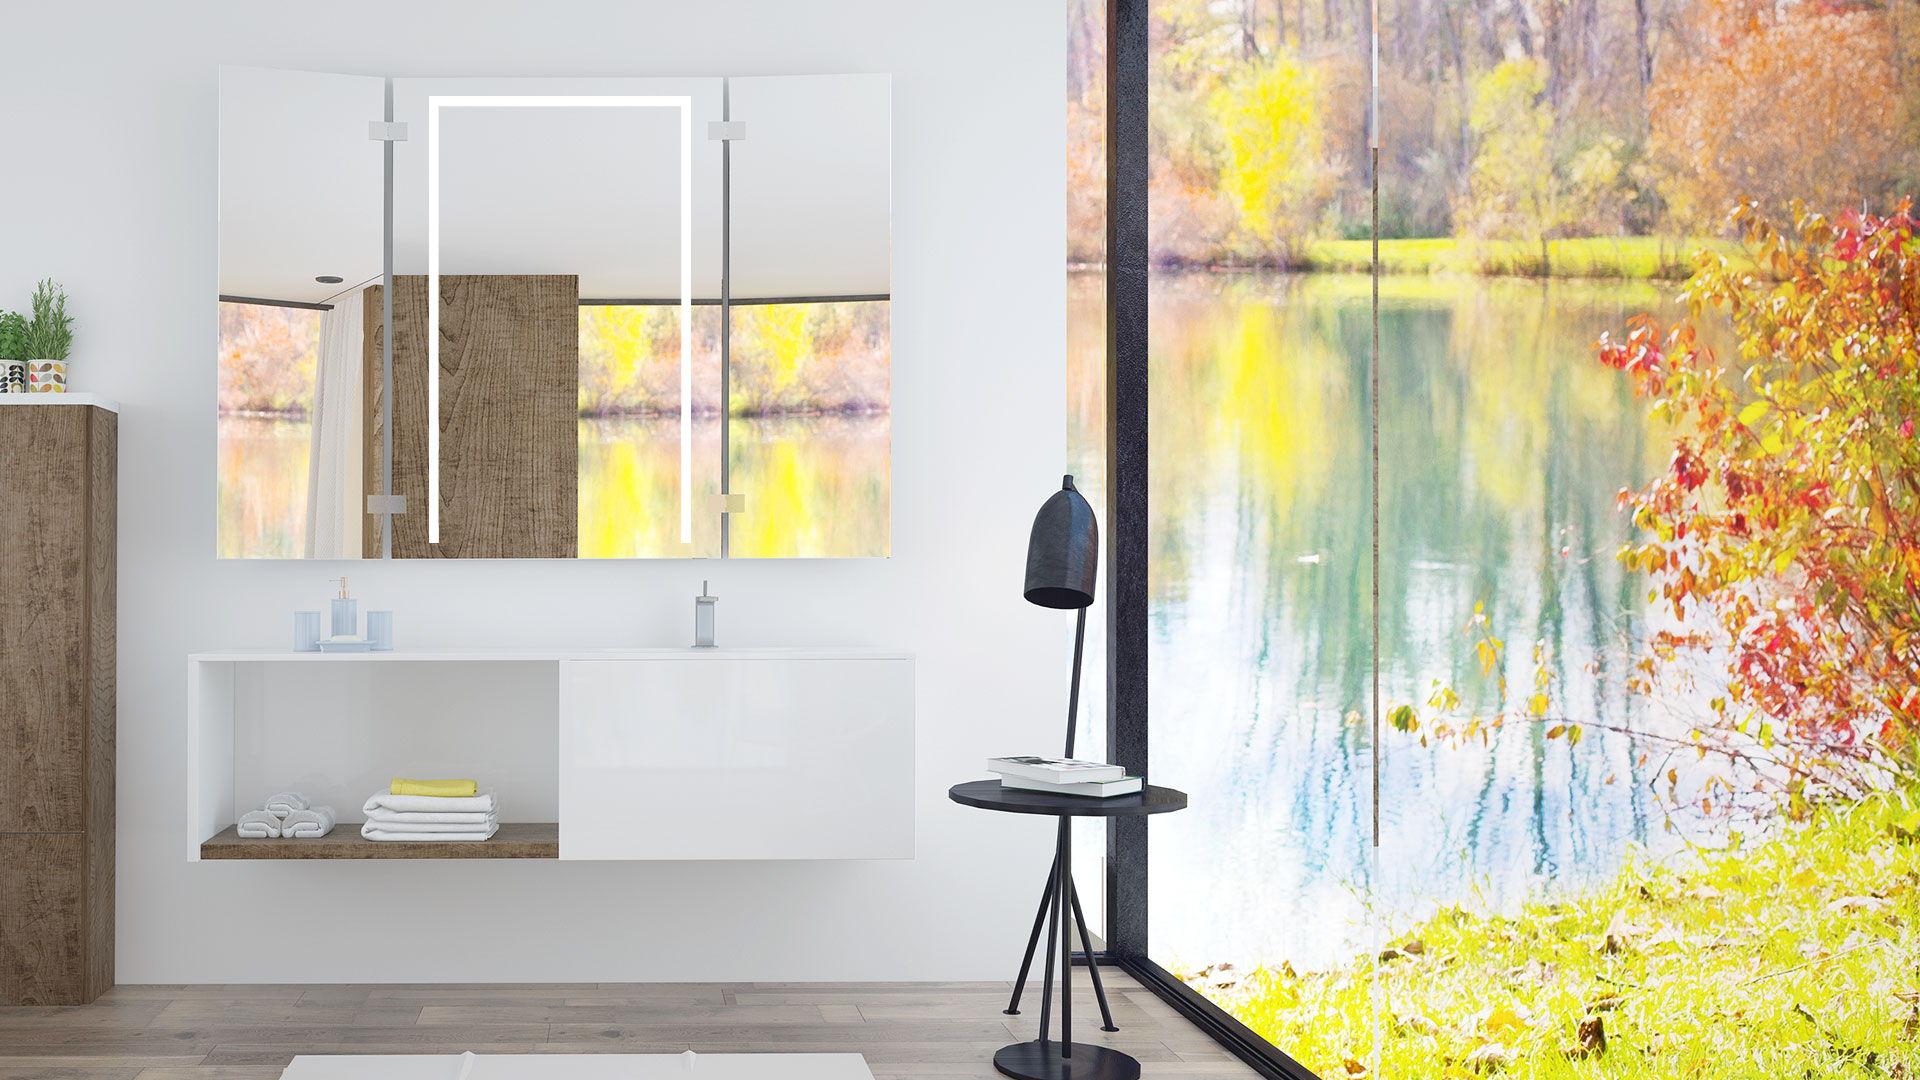 jasminas ist ein klappspiegel mit led beleuchtung  klappspiegel sind praktisch und schon #8